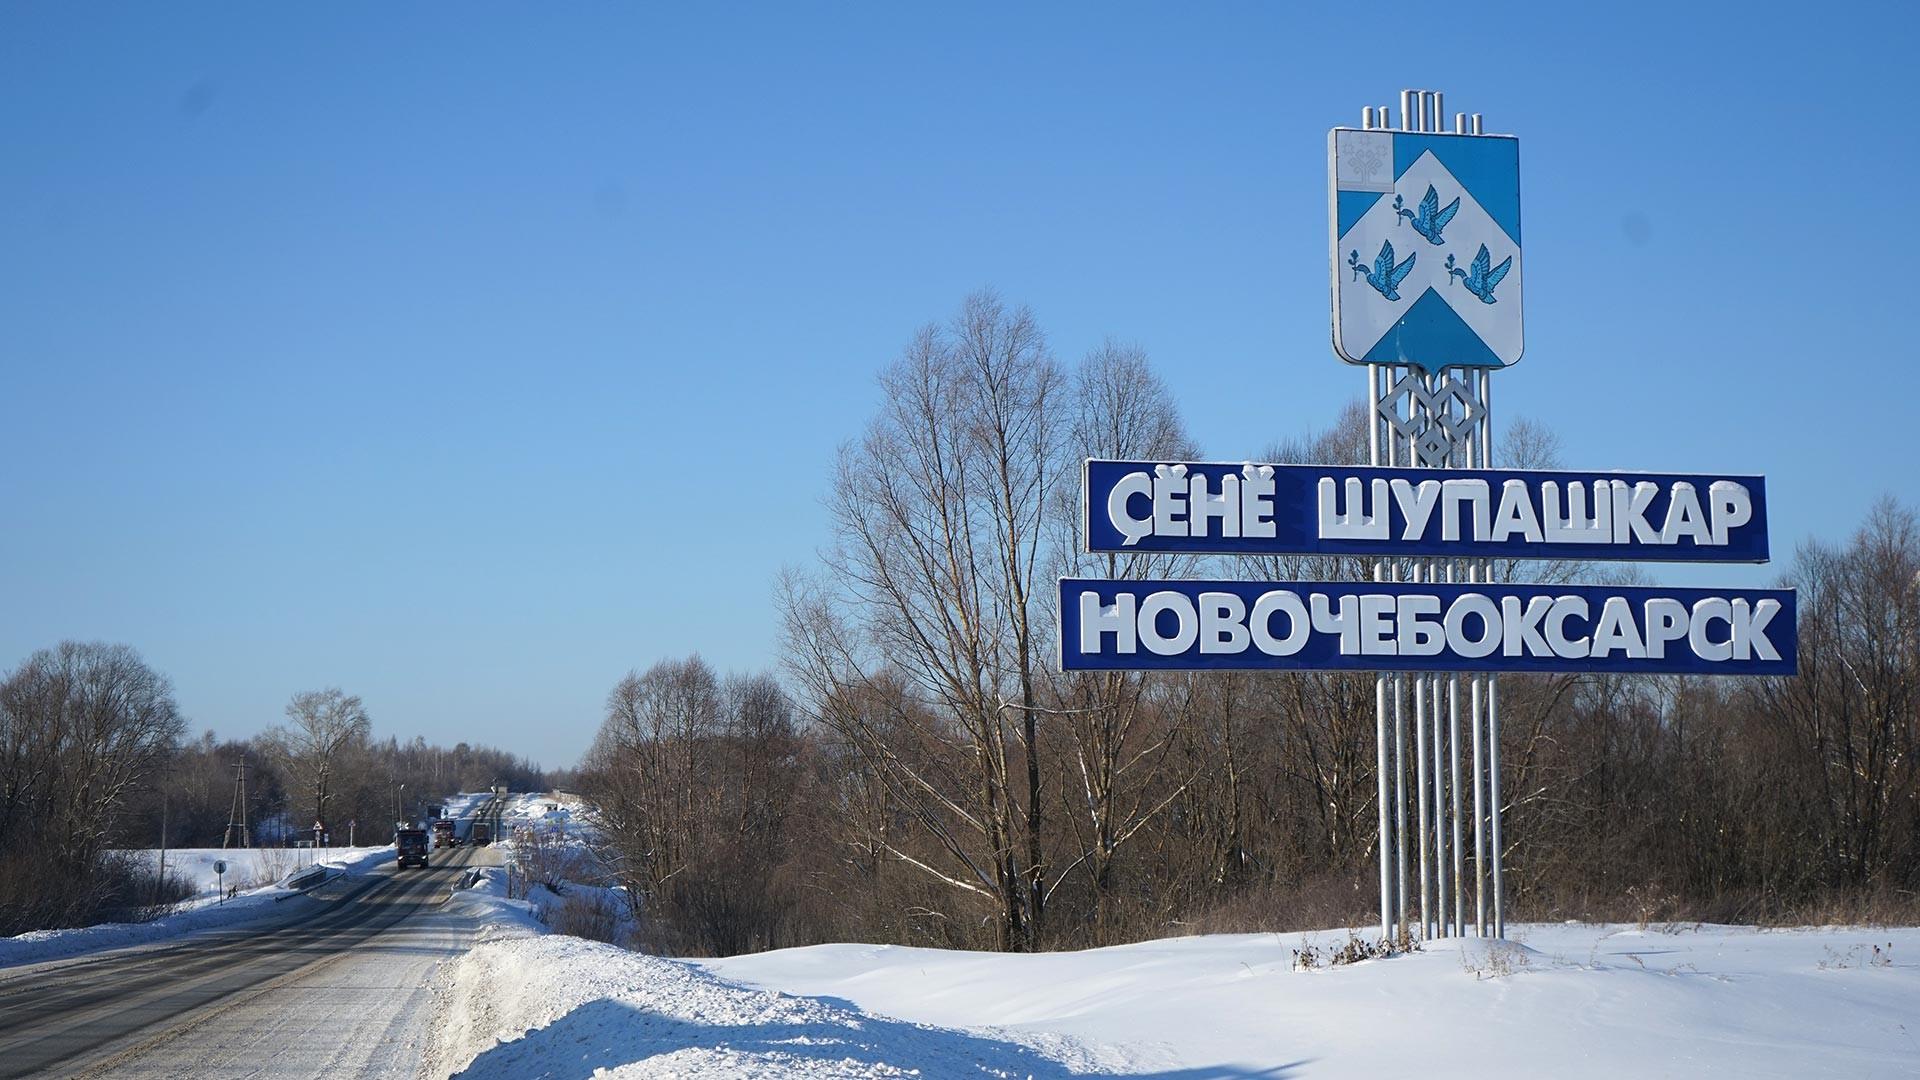 Pintu masuk ke Kota Novocheboksarsk, Republik Chuvashia.